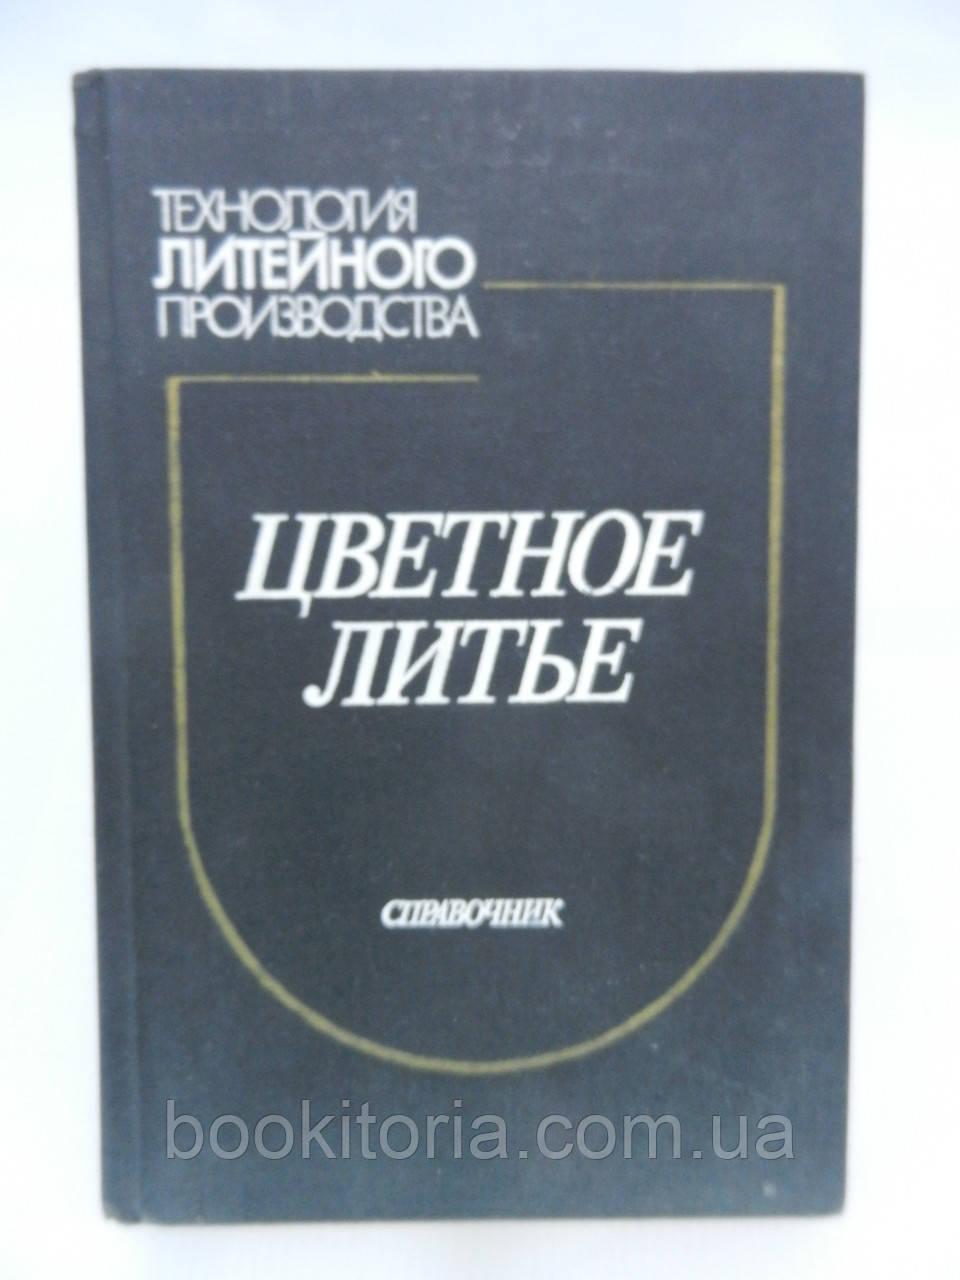 Б/у. Галдин Н.М. и др. Цветное литье (б/у).